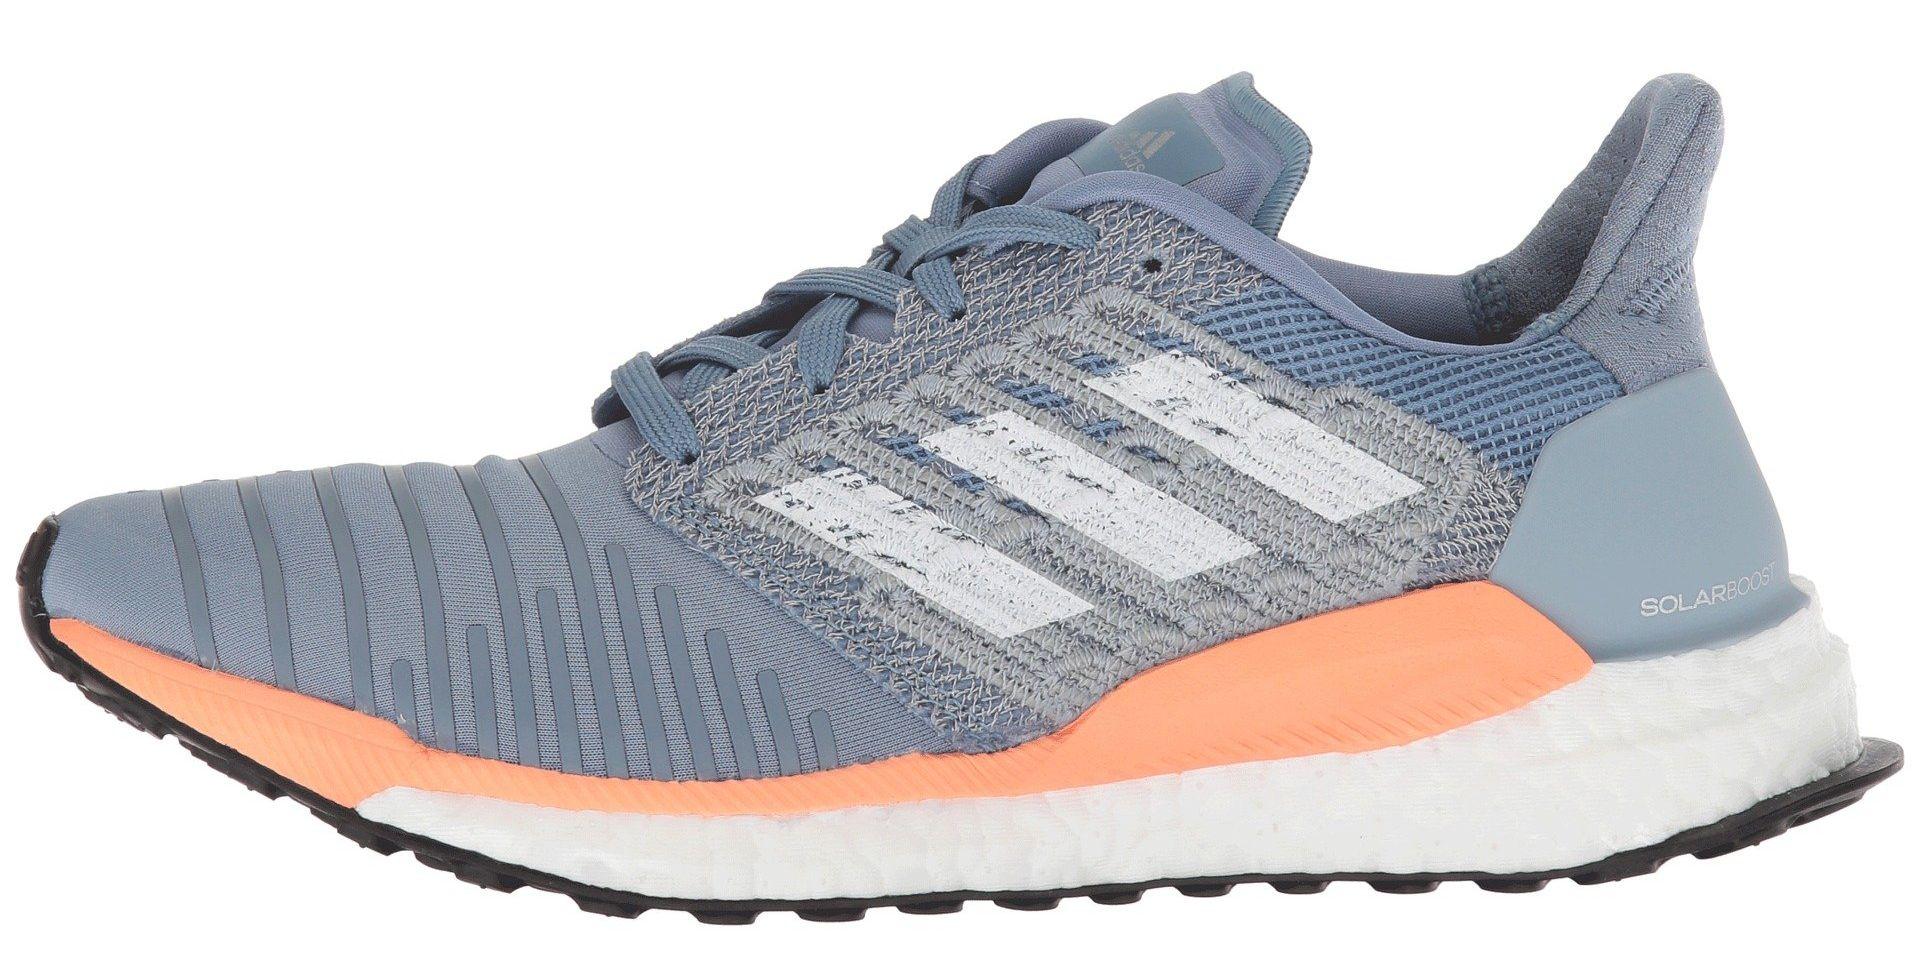 a2c2e1b9321 Best Adidas Running Shoes